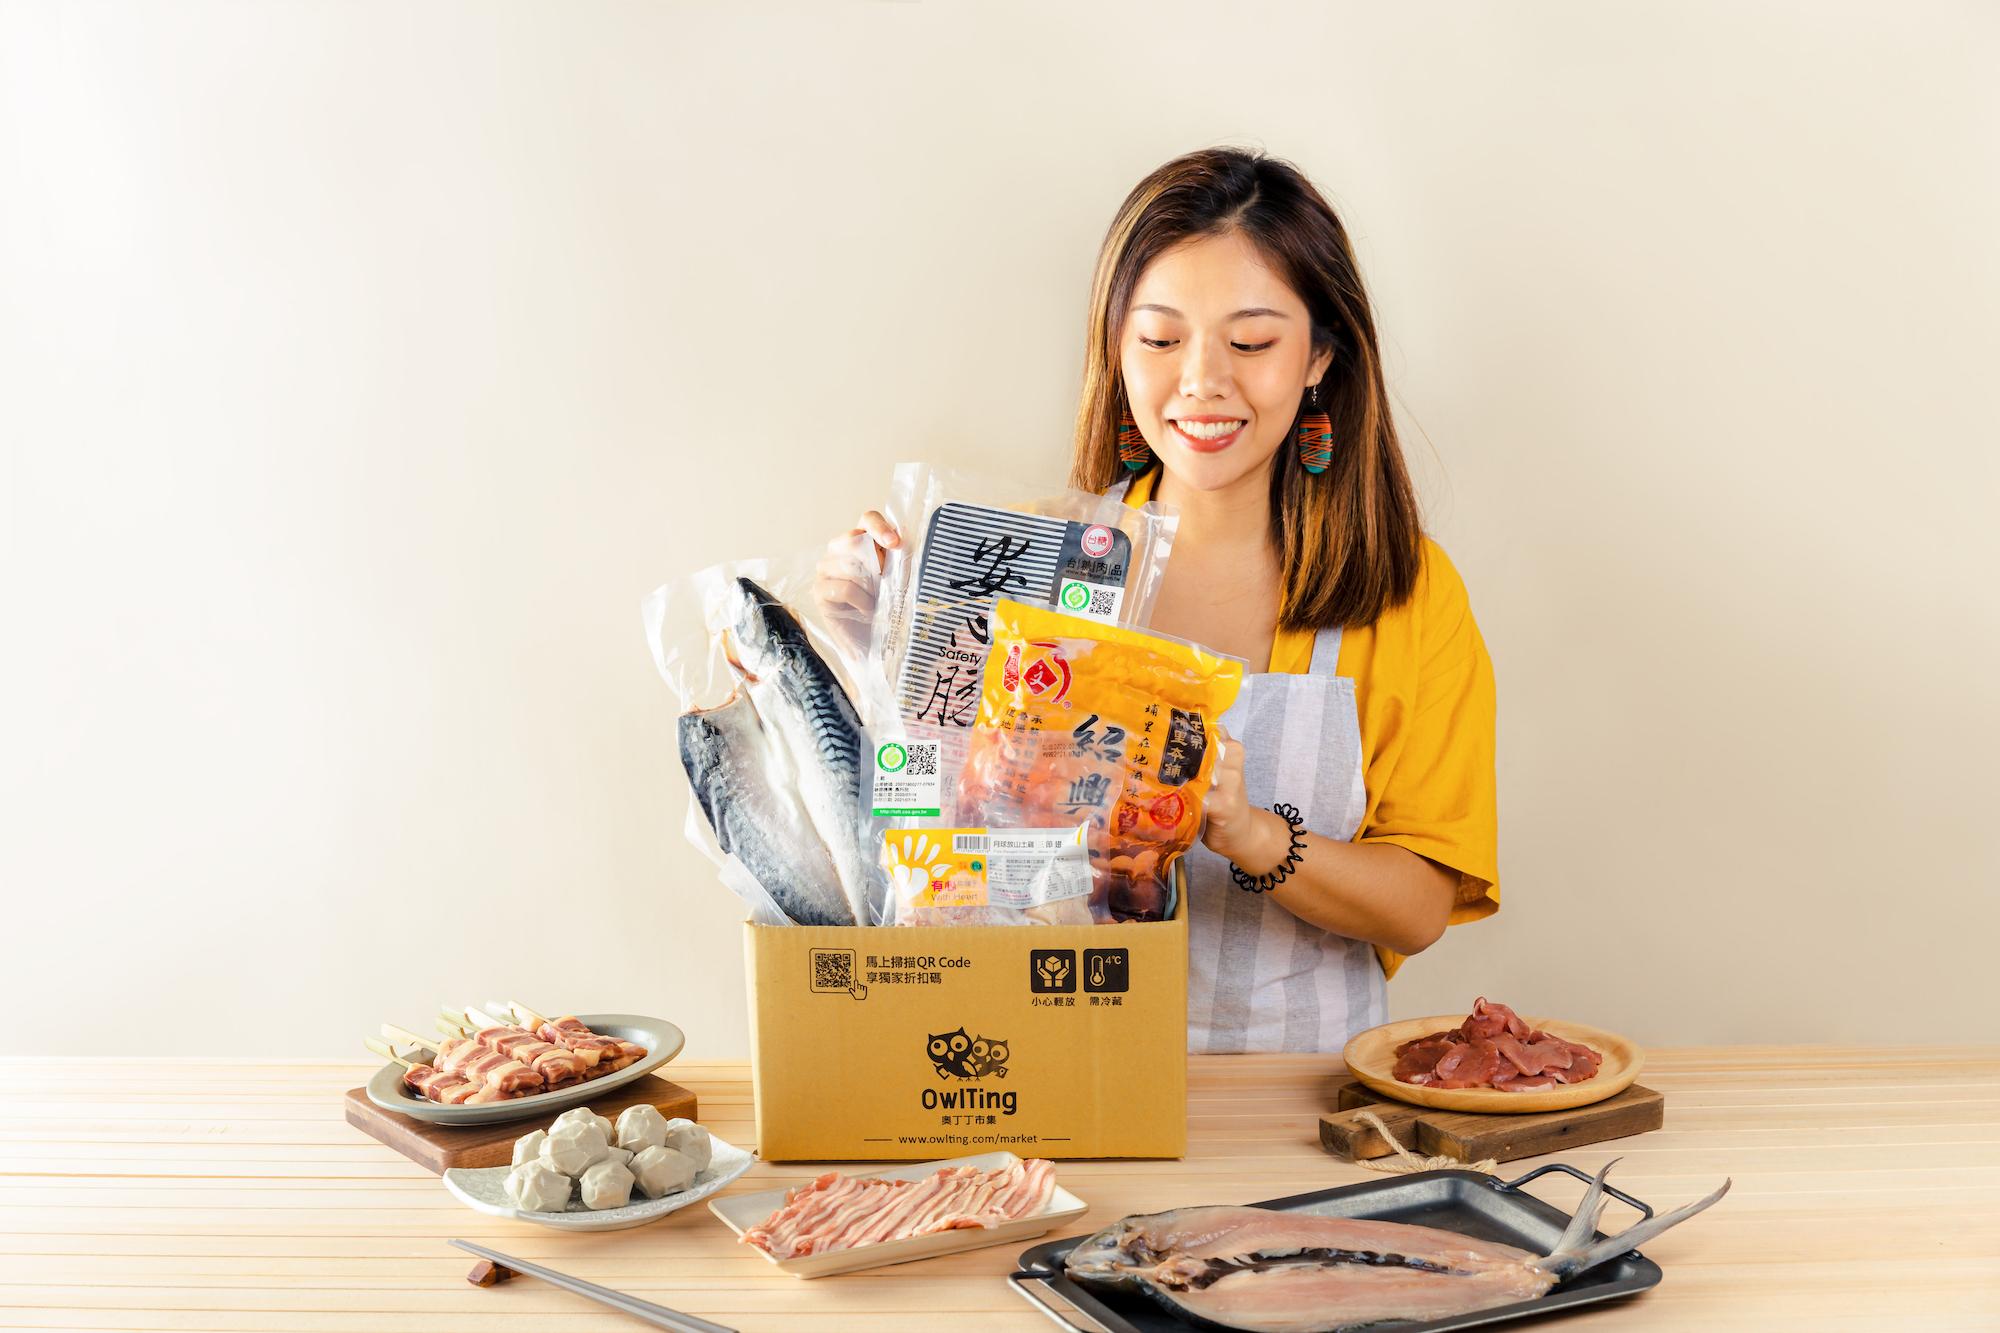 居家防疫必備料理食材盤點!這些一定要準備的食材一次幫你盤點